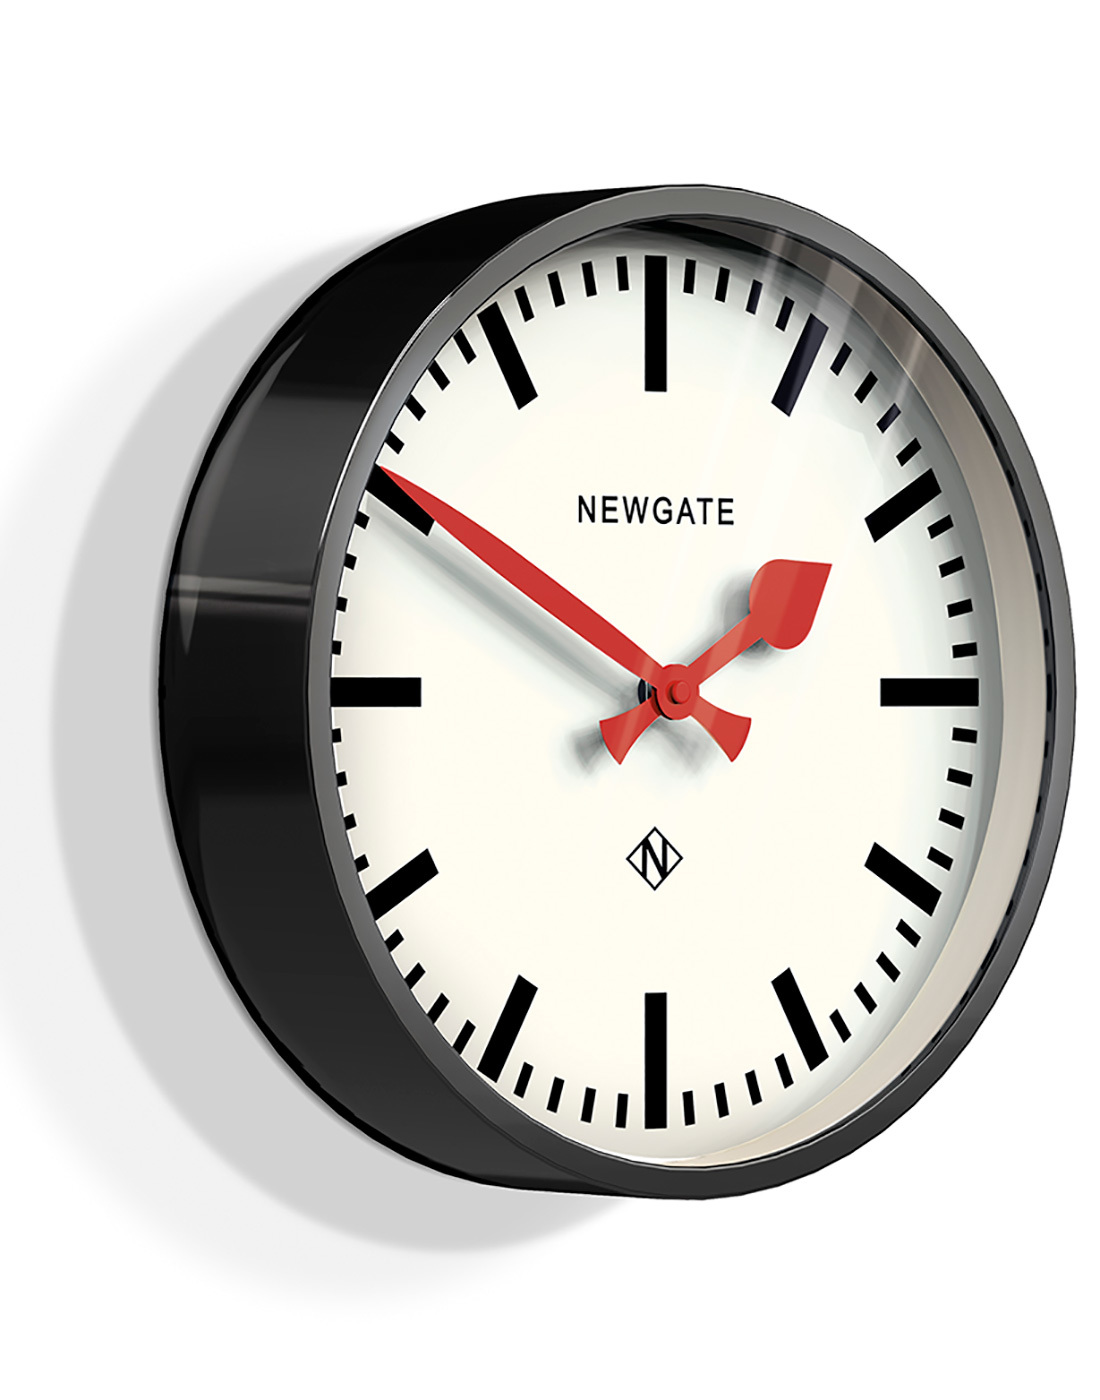 Luggage NEWGATE Retro Classic Wall Clock in Black